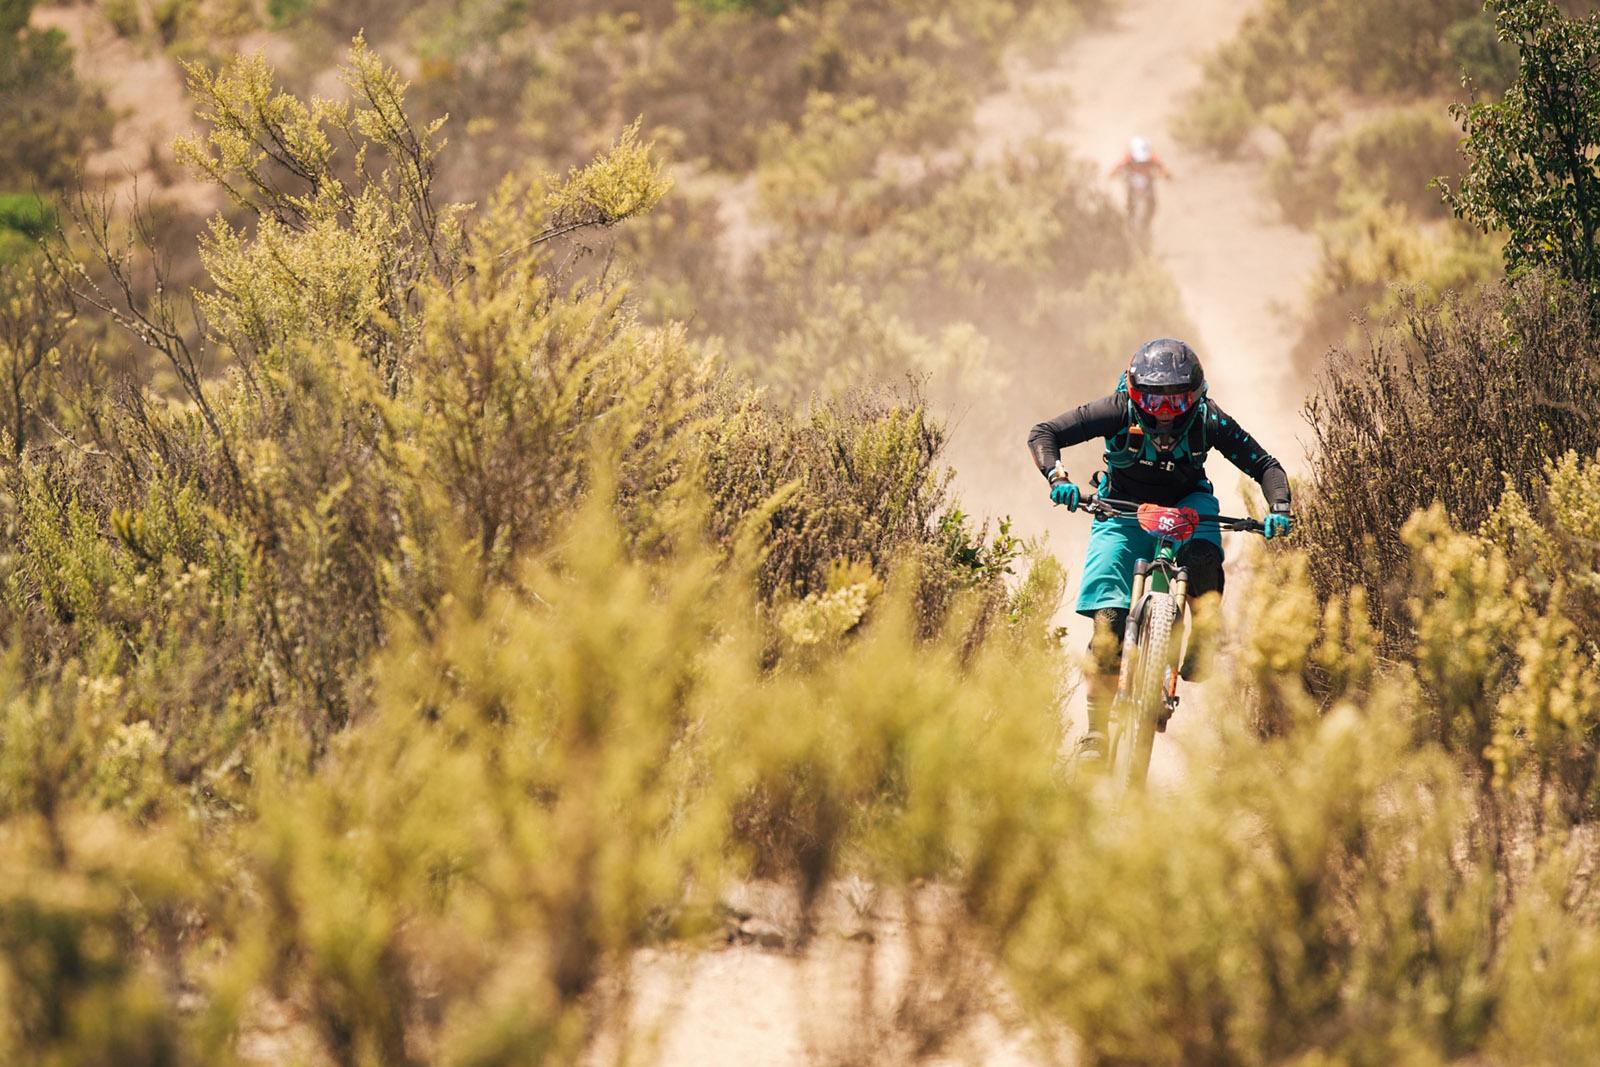 Santa Cruz Bicycles - Juliana Bicycles Team Rider Jaime Hill at Andes Pacifico Enduro 2018